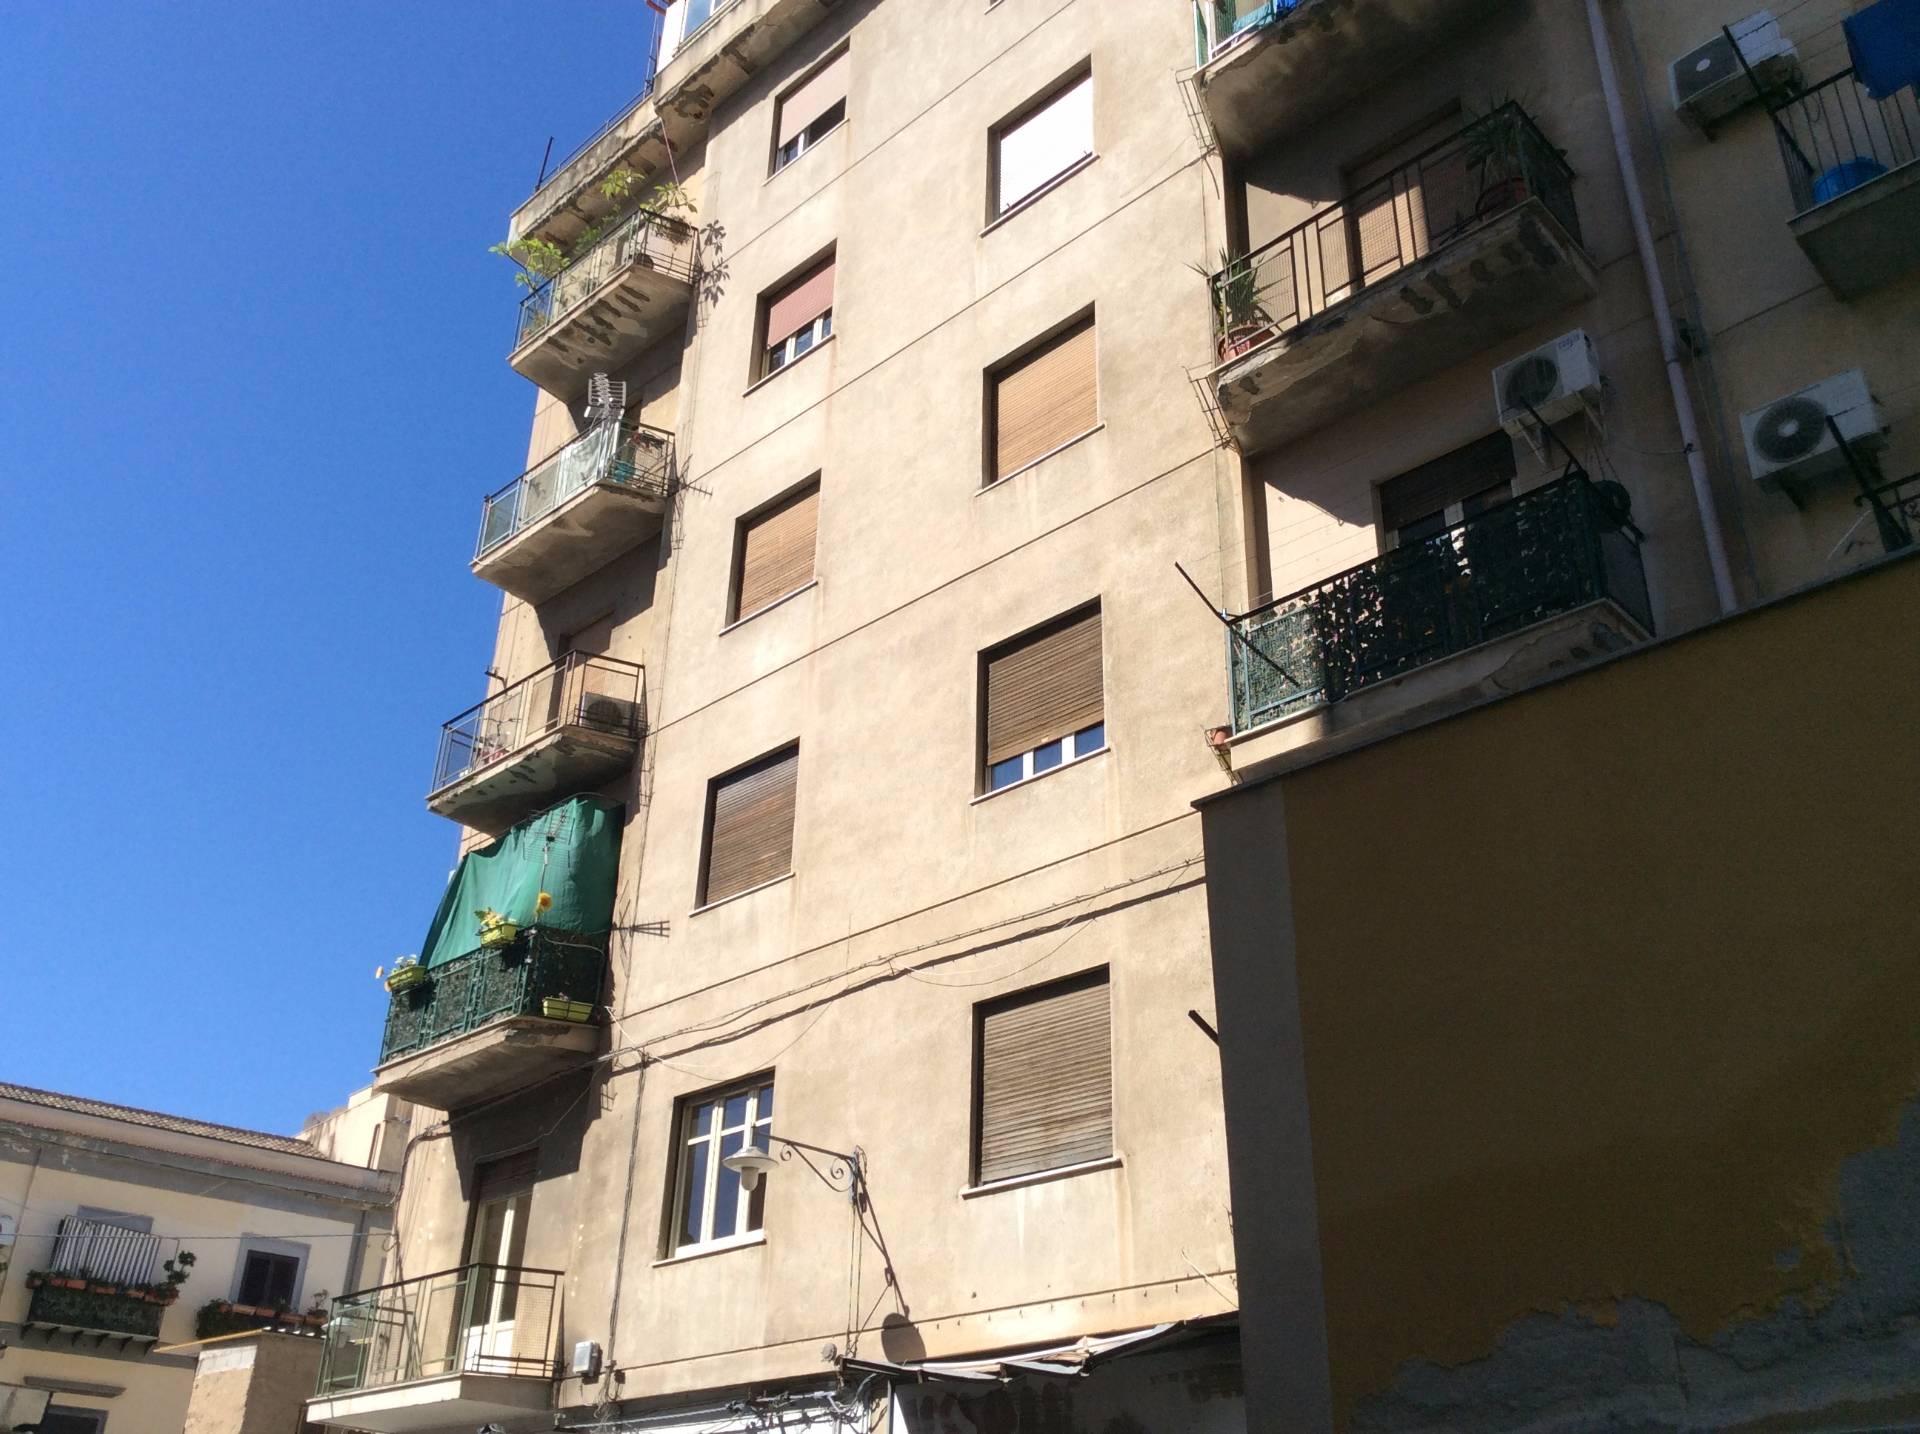 Appartamento in vendita a Palermo, 3 locali, zona Località: BorgoVecchio, prezzo € 68.000 | CambioCasa.it